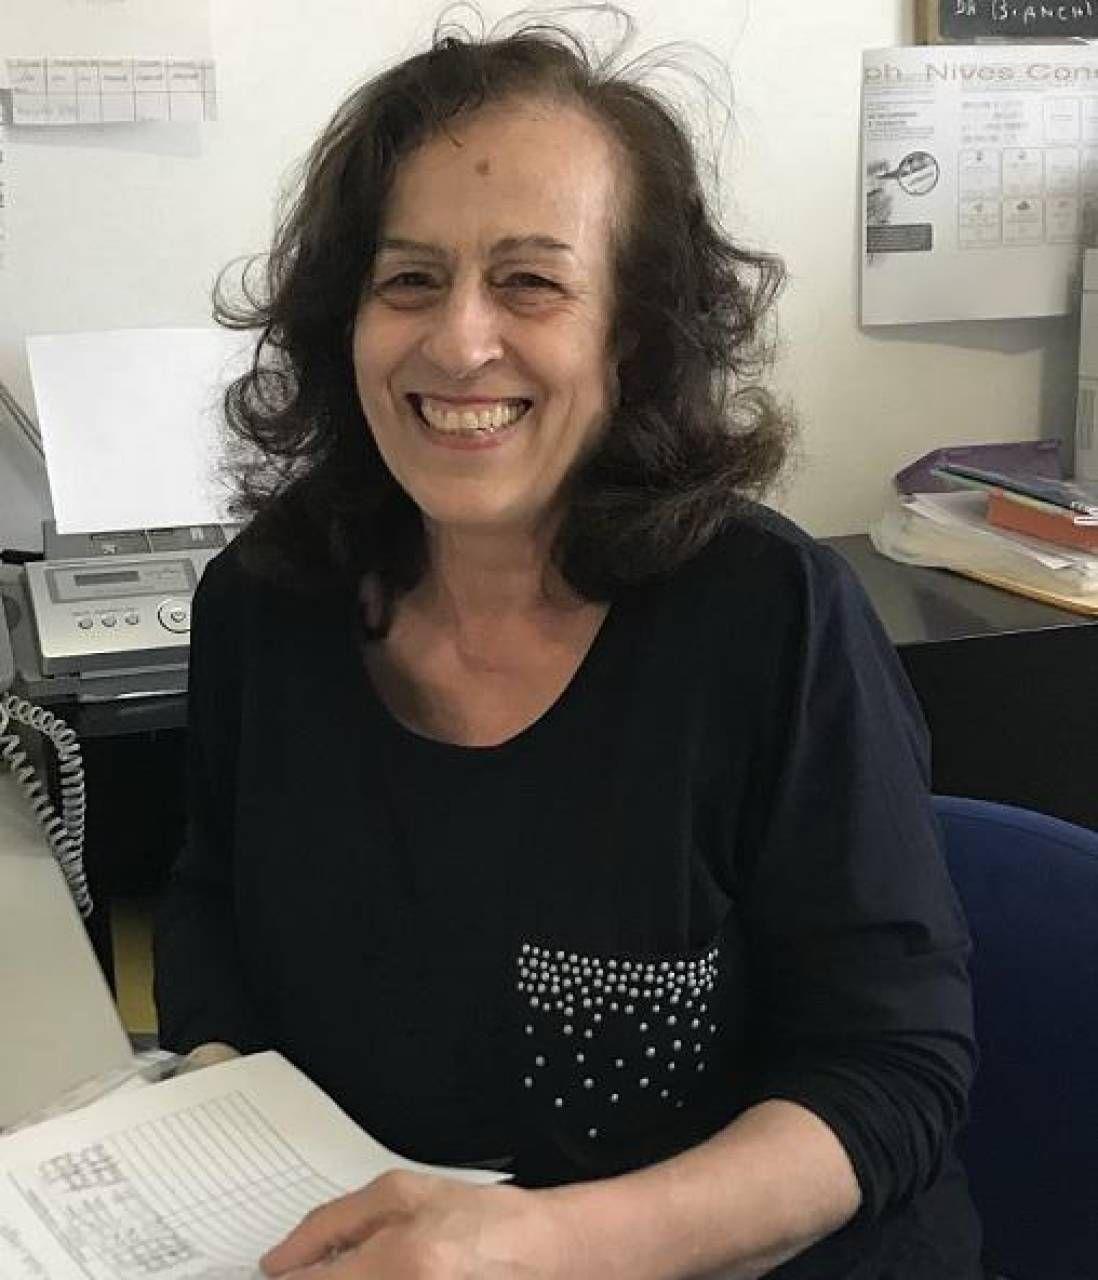 Anna Lisa Casadei è morta a 68 anni: il funerale si terrà domani alle 15,30 alla chiesa di Gesù Redentore